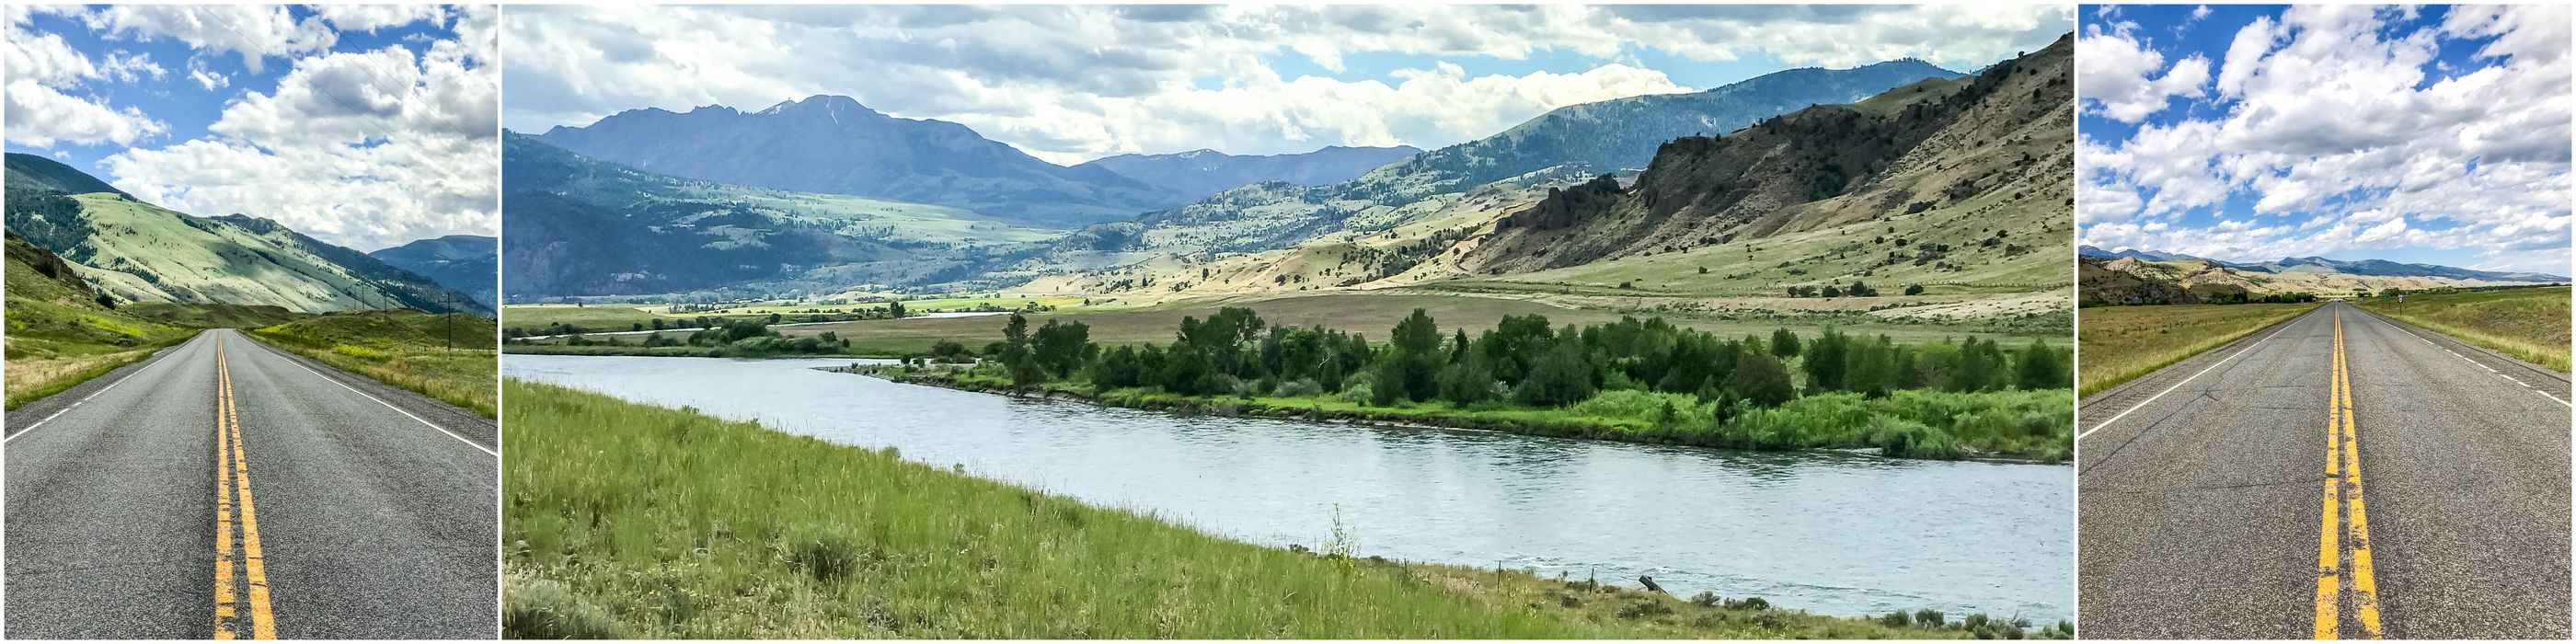 widoki w drodze do Bozeman w stanie Montana